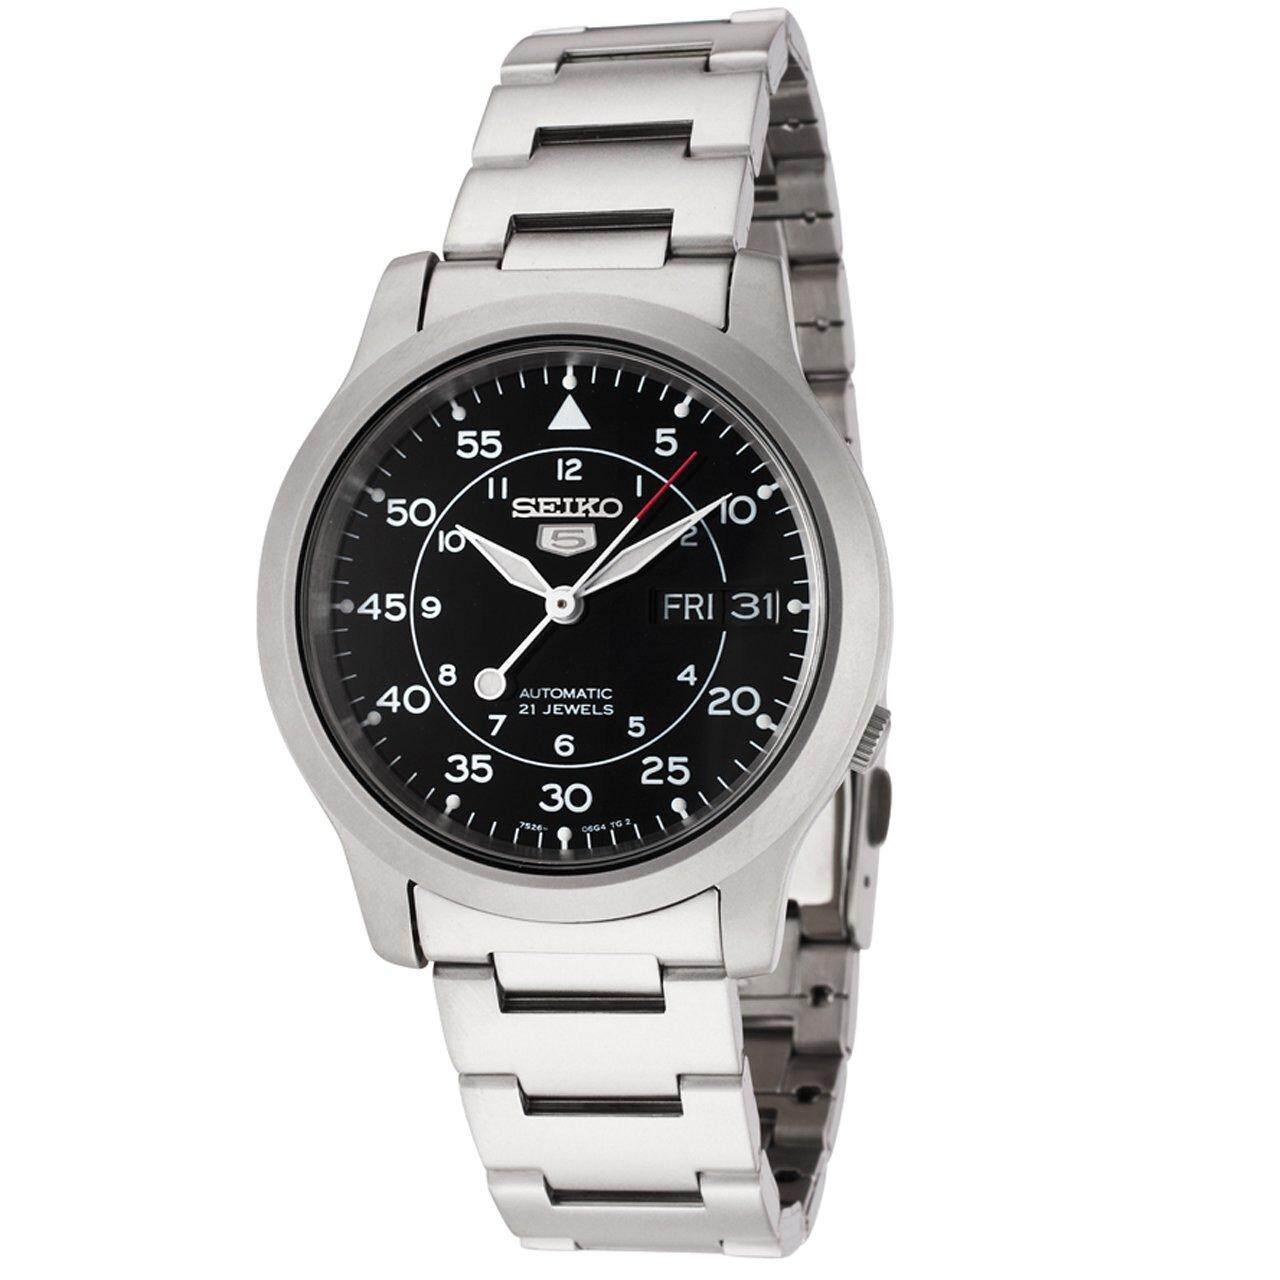 สอนใช้งาน  กาฬสินธุ์ JamesMobile นาฬิกาข้อมือผู้ชาย Seiko 5 Military Automatic รุ่น SNK809K1 นาฬิกากันน้ำ100เมตร นาฬิกาสายสแตนเลส - Black